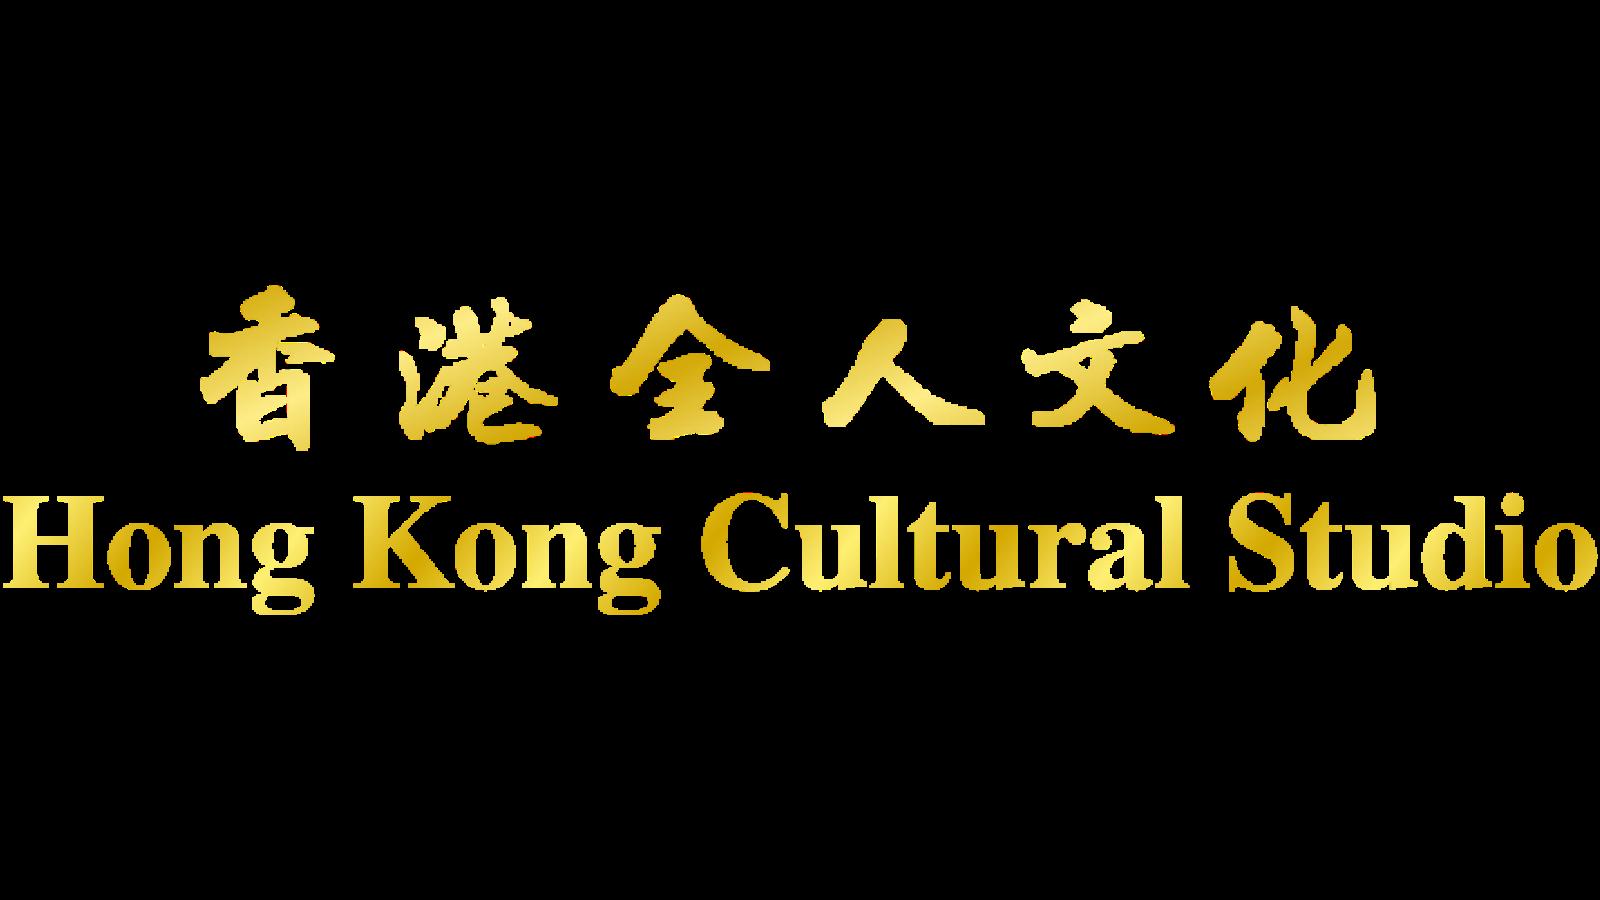 香港全人文化 | Hong Kong Cultural Studio | 一站式全人教育專家